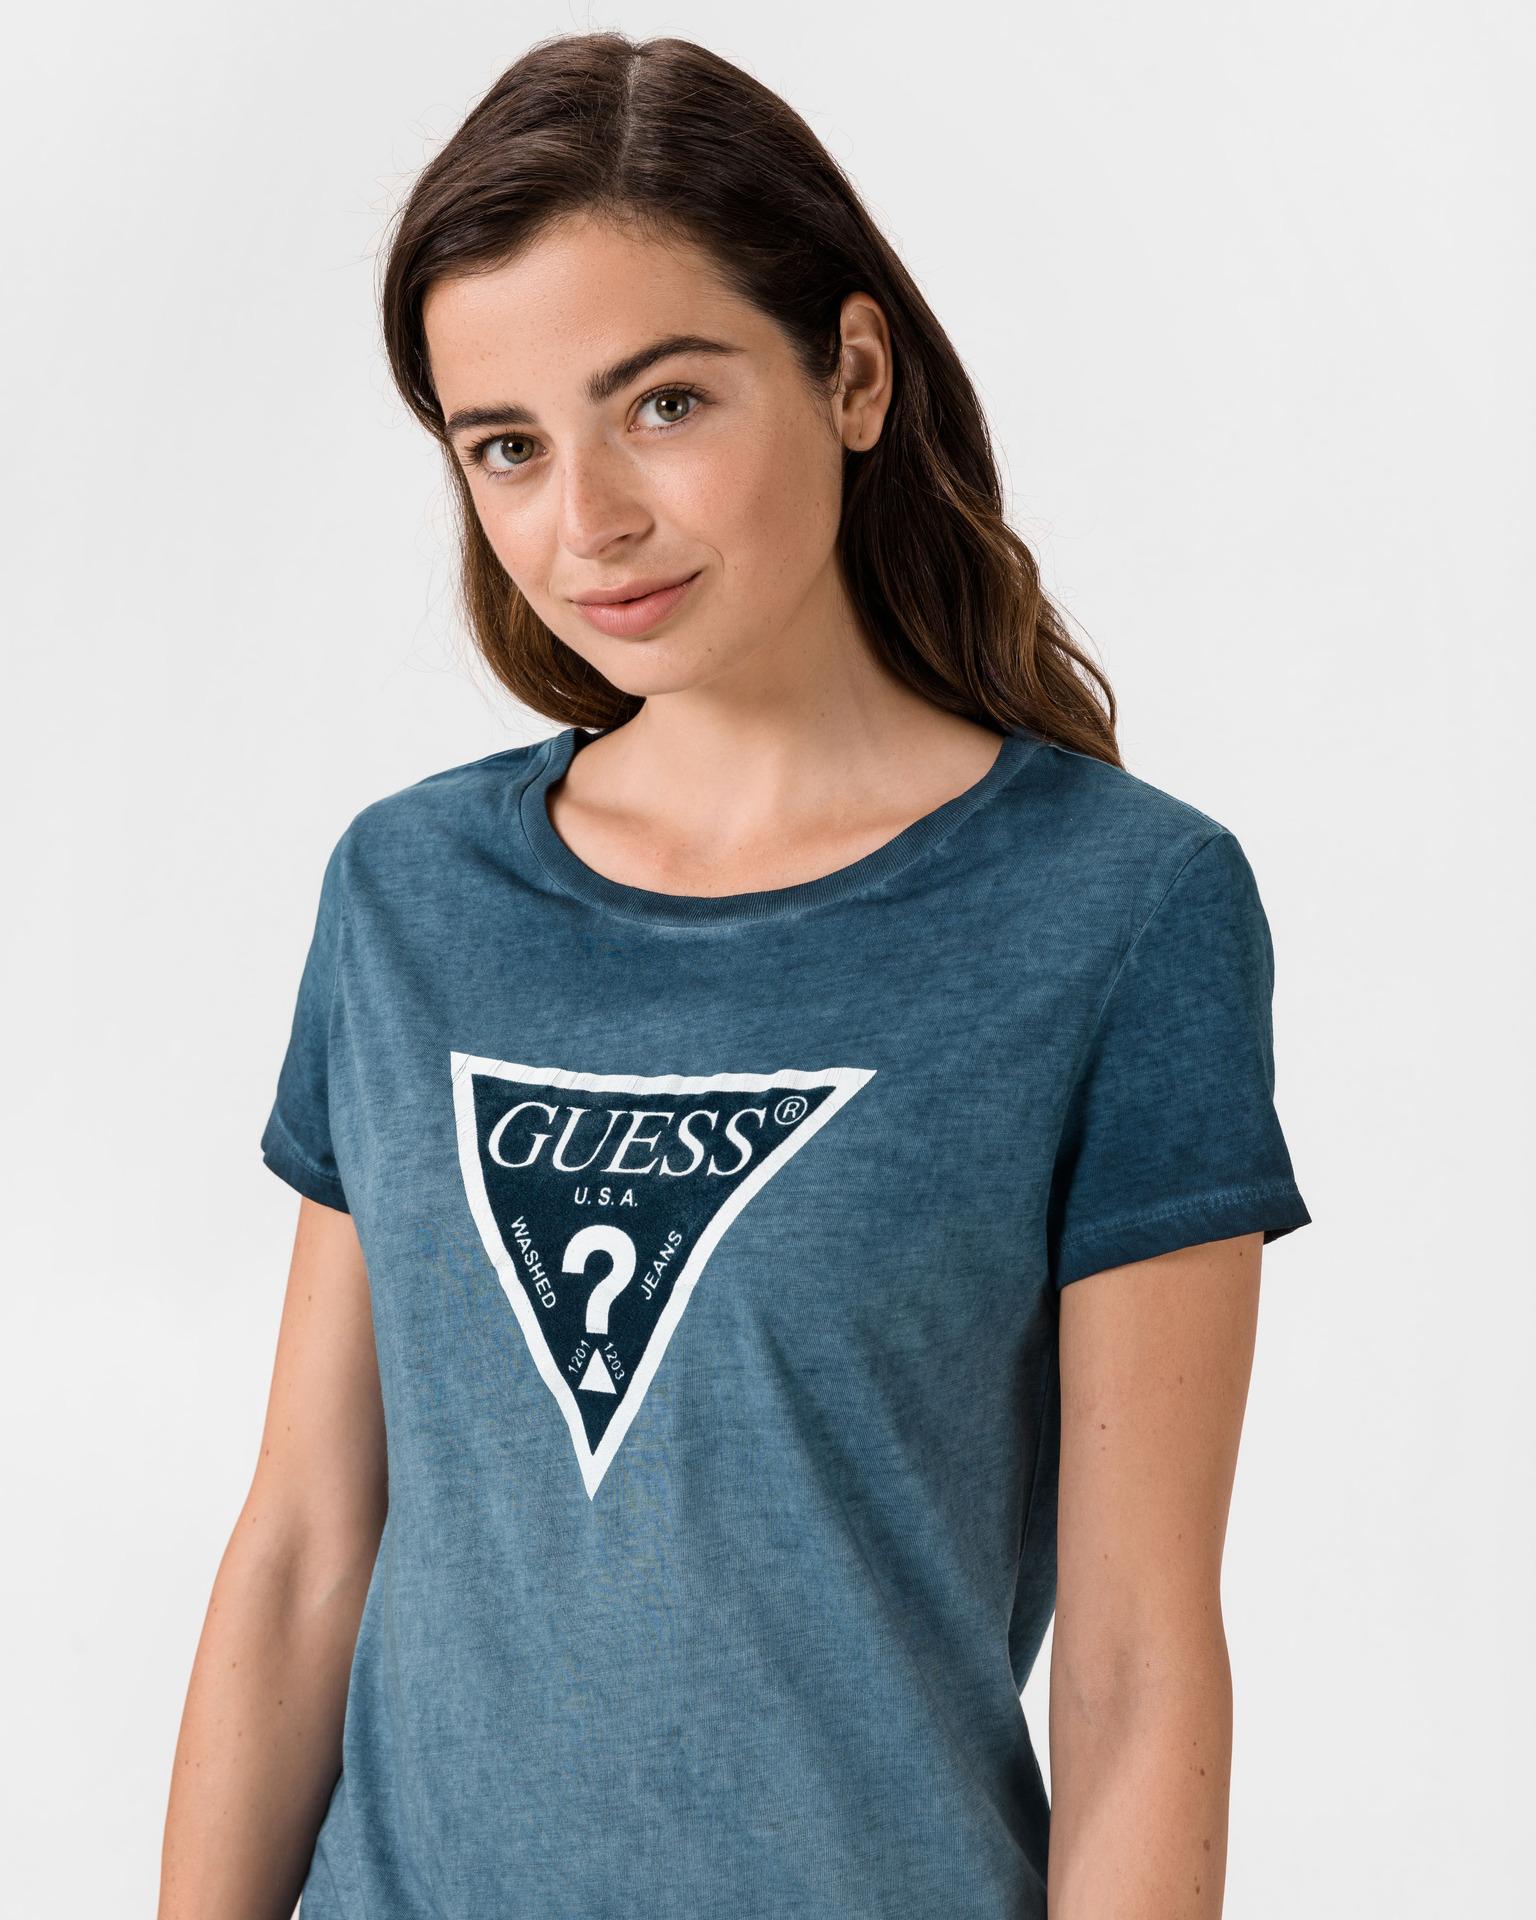 Guess Дамска тениска син цвят Triko